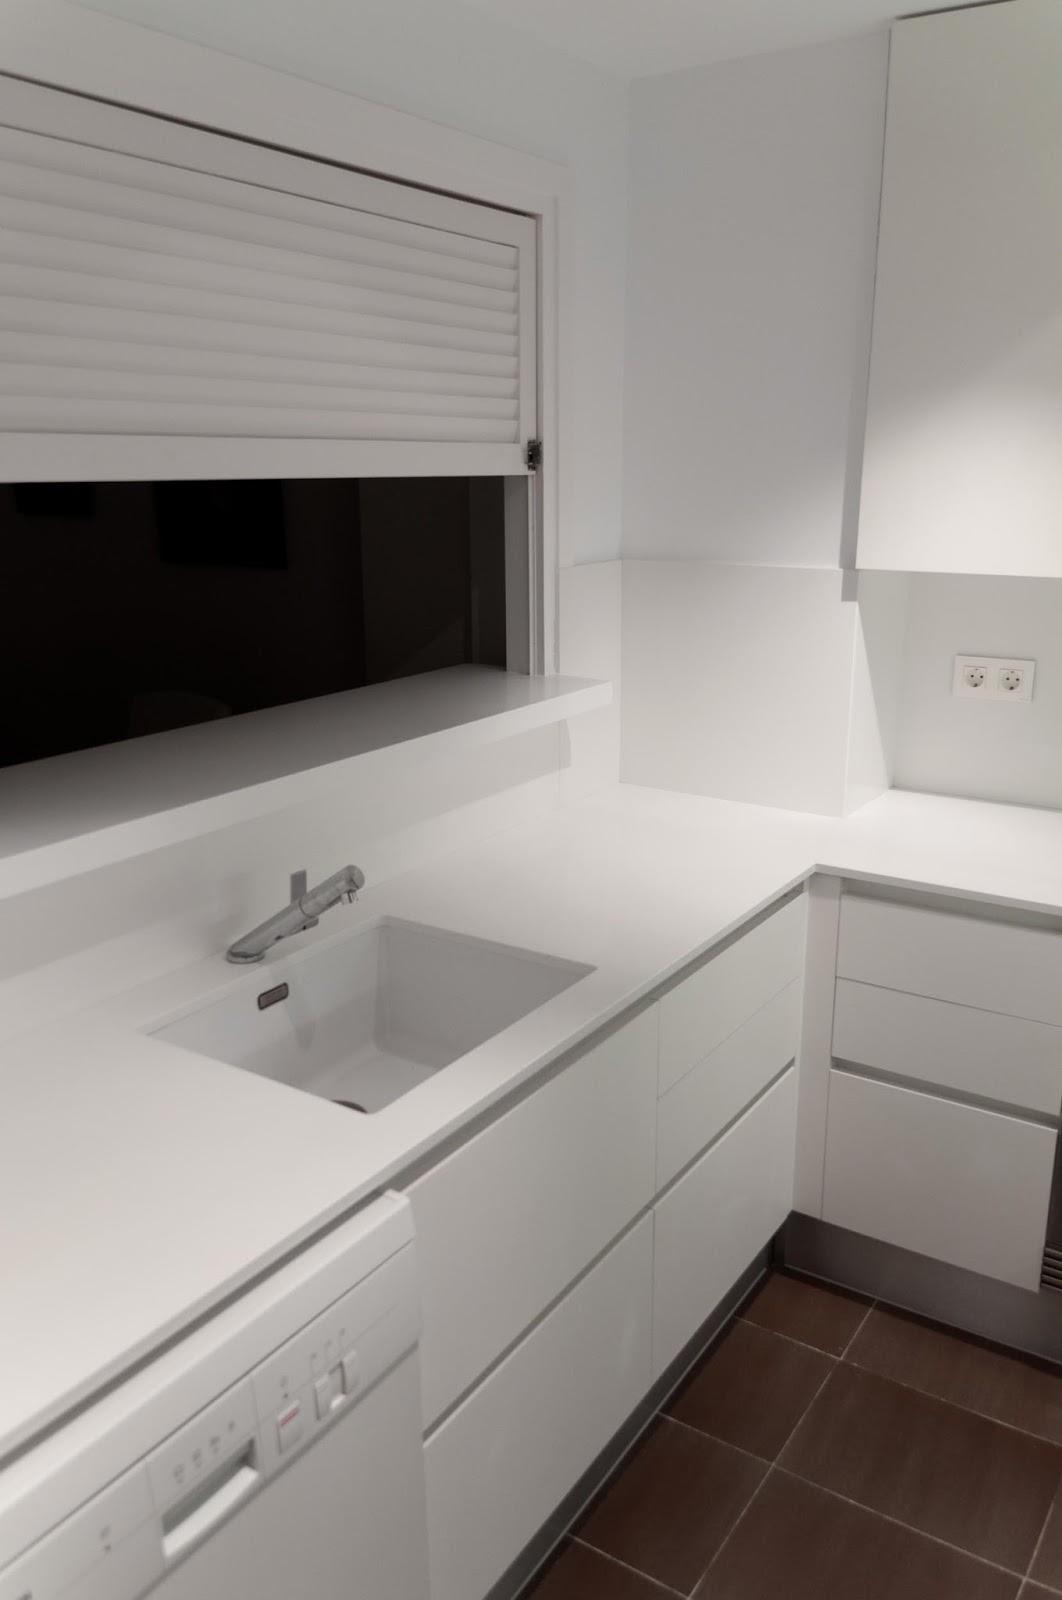 Iluminacion encimera cocina led elegant encimera en for Iluminacion encimera